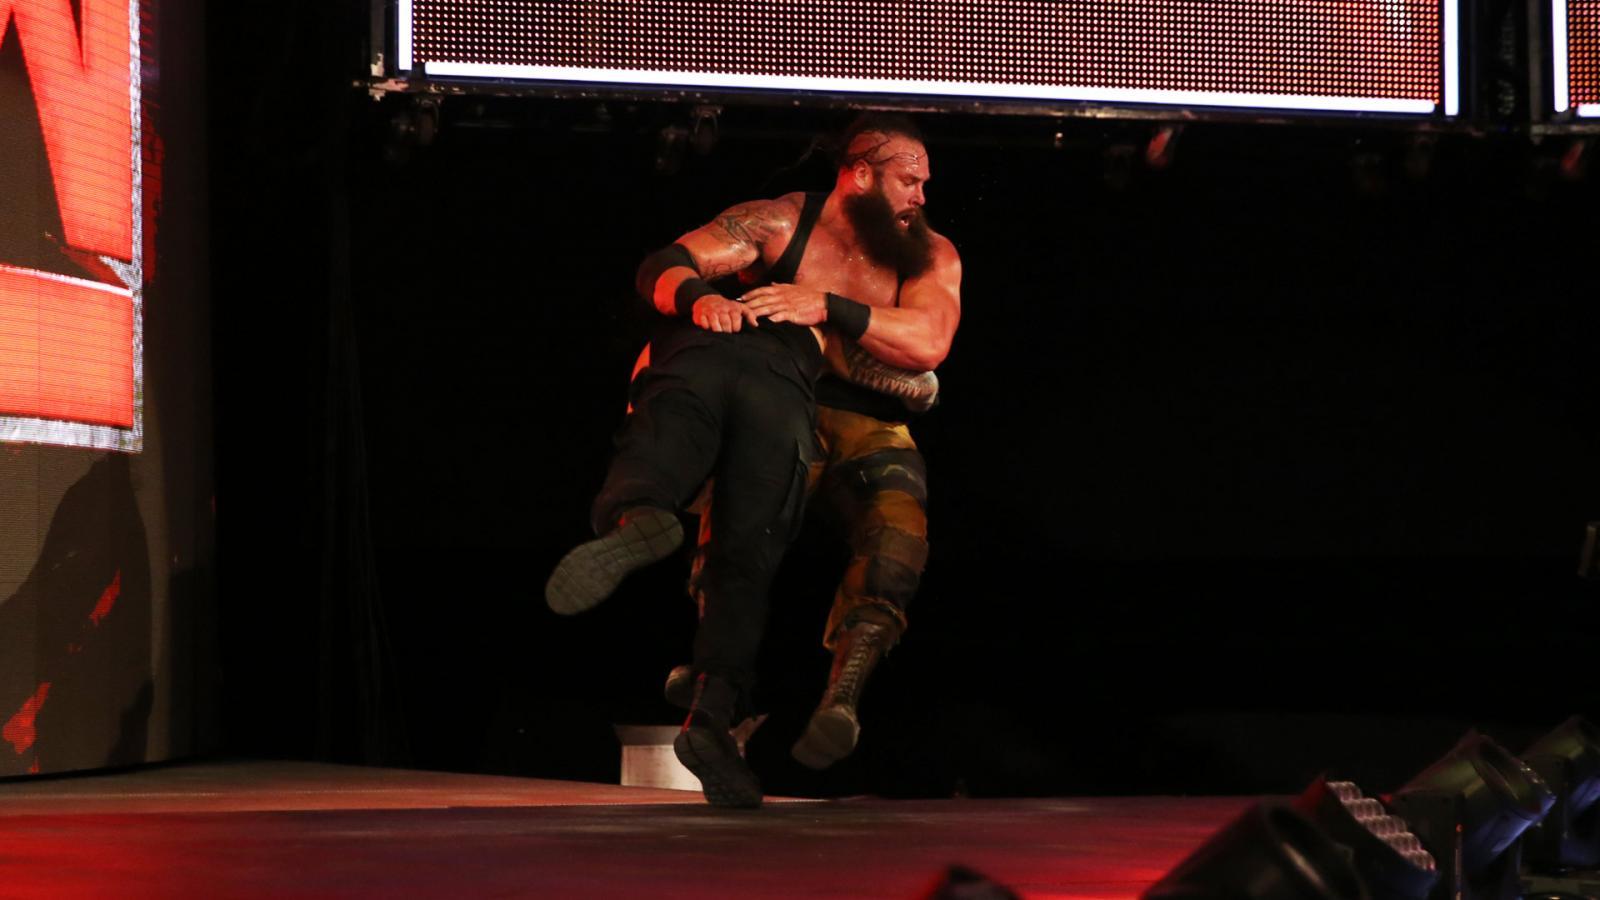 WWE RAW रिजल्ट्स : 4 जुलाई 2017 : रोमन रेन्स ने एम्बुलेंस मैच से पहले किया कुछ ऐसा, जिसकी उम्मीद नहीं थी 17